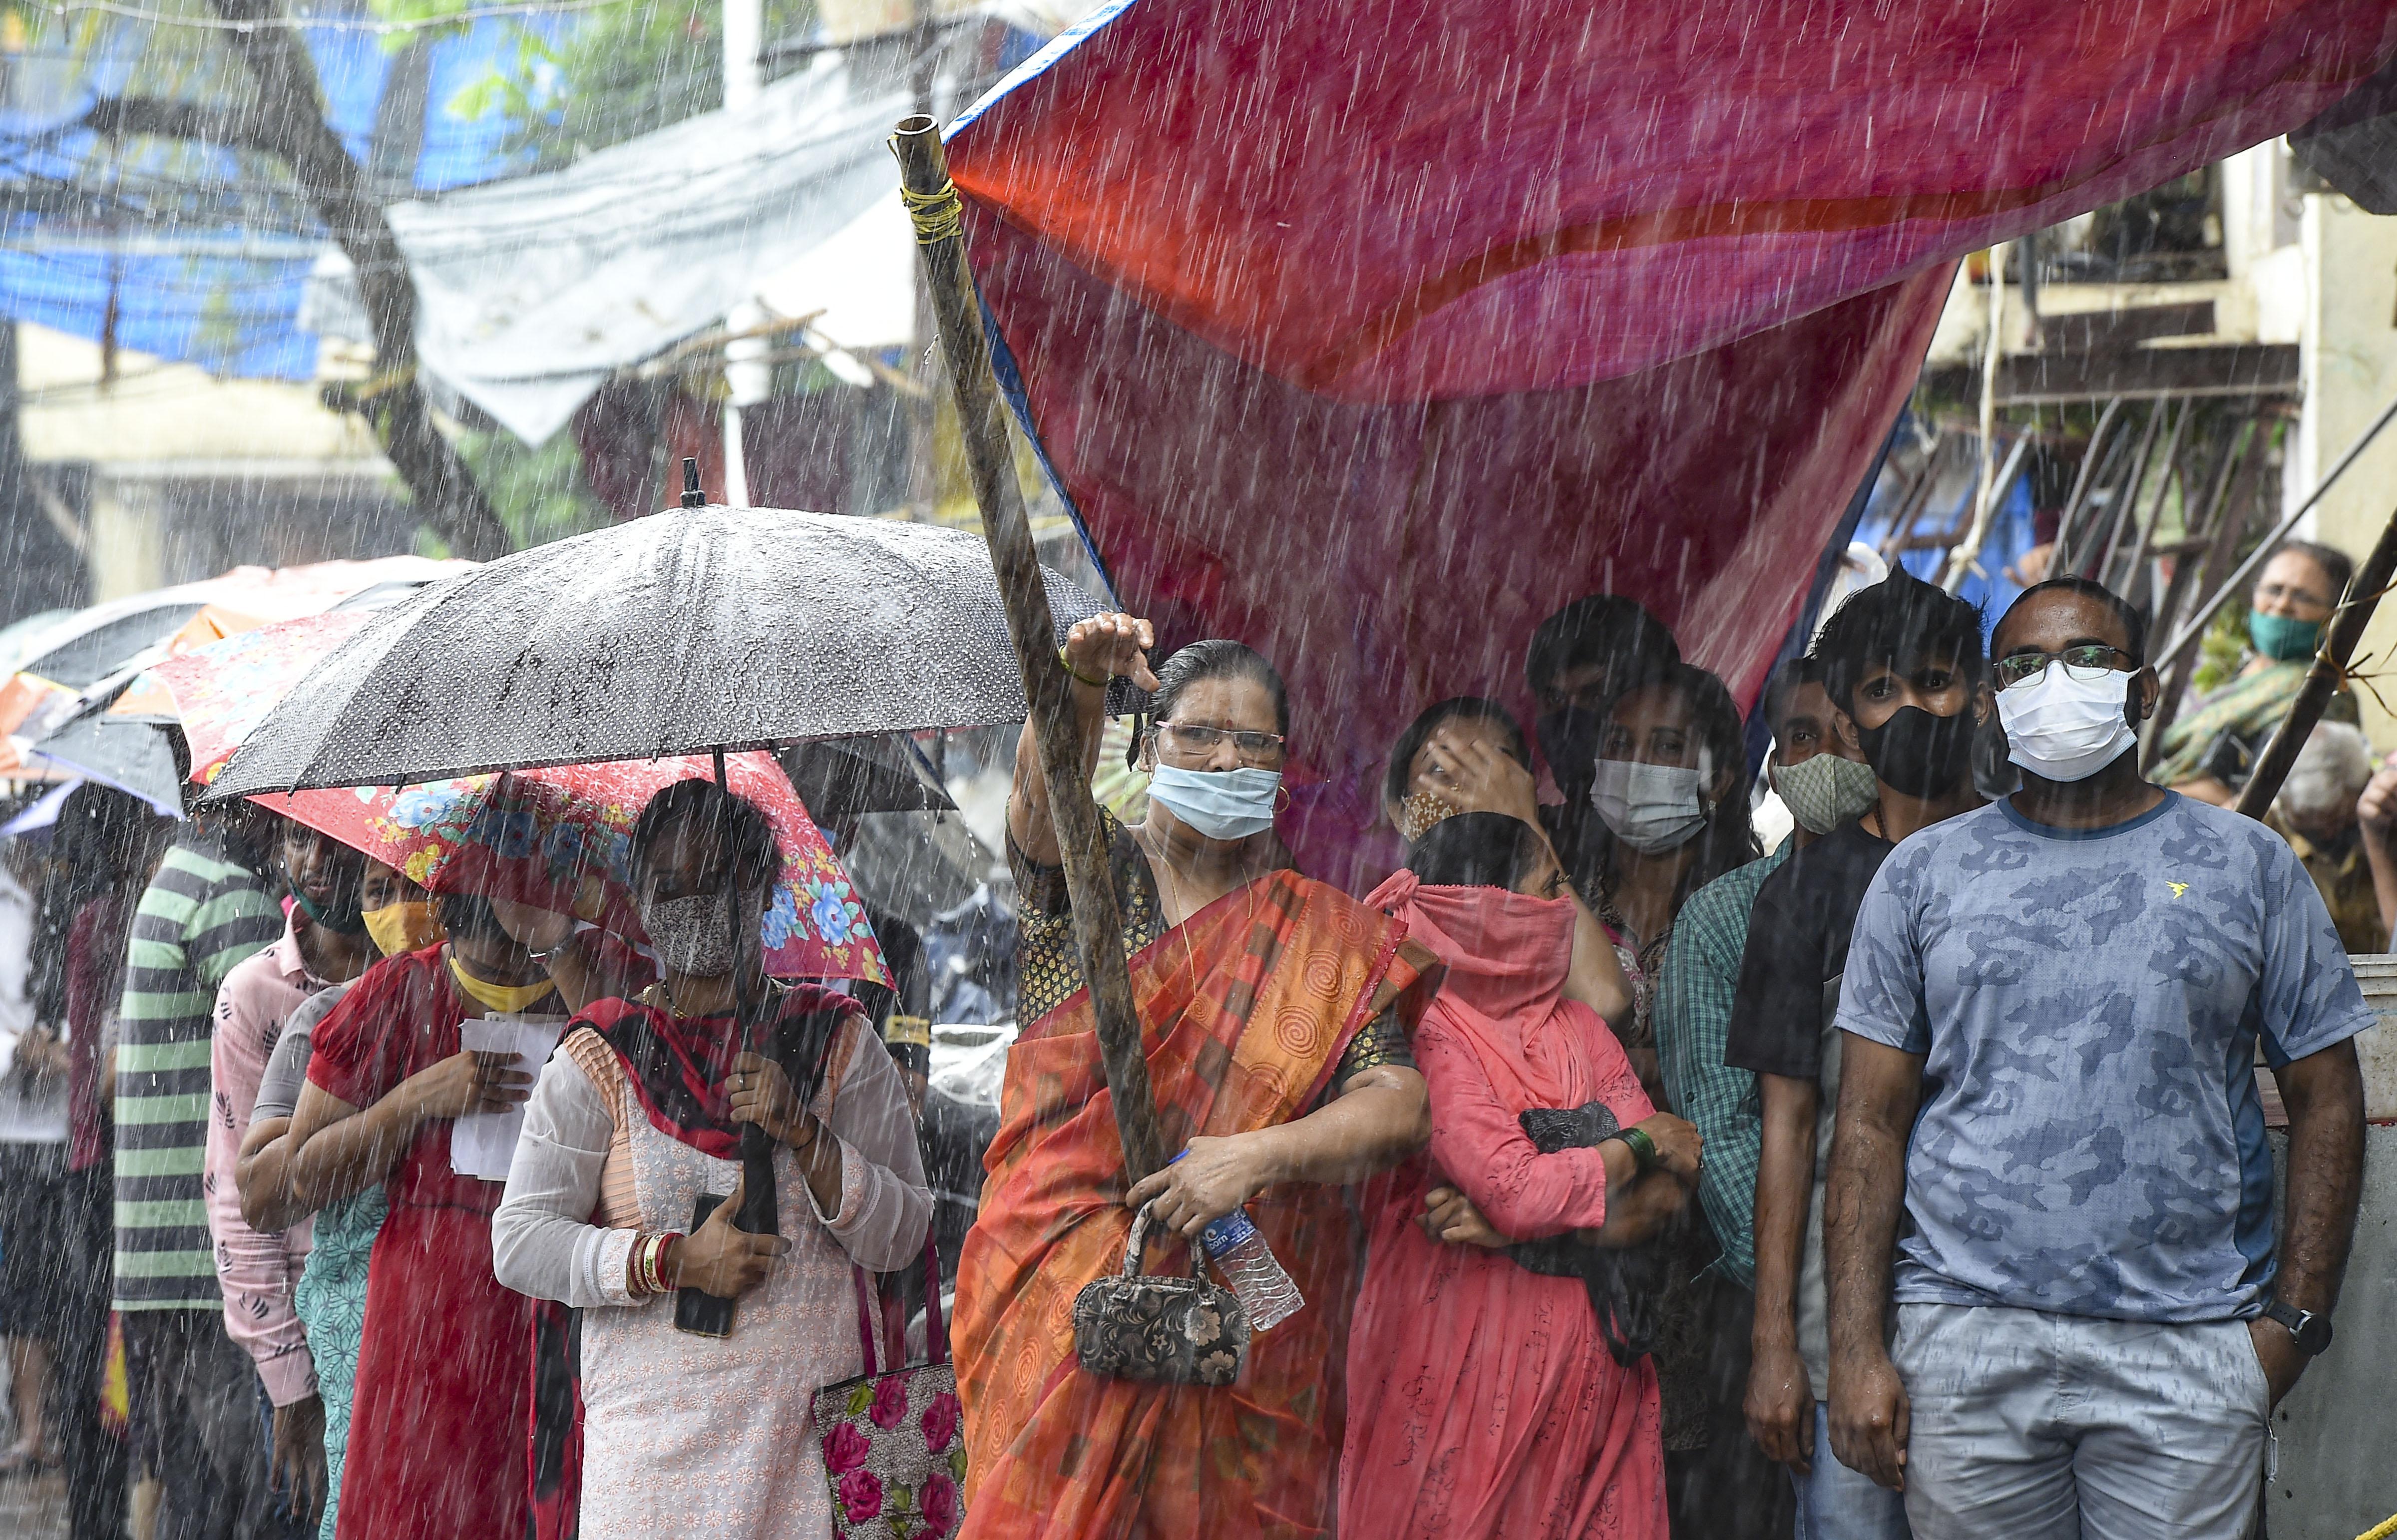 फोटो मुंबई की है। यहां बारिश के बावजूद लोग वैक्सीन लगवाने पहुंच रहे हैं। वैक्सीनेशन के बढ़ते दायरे के बावजूद देश में कोरोना के हर दिन 30 हजार से ज्यादा केस आ रहे हैं।